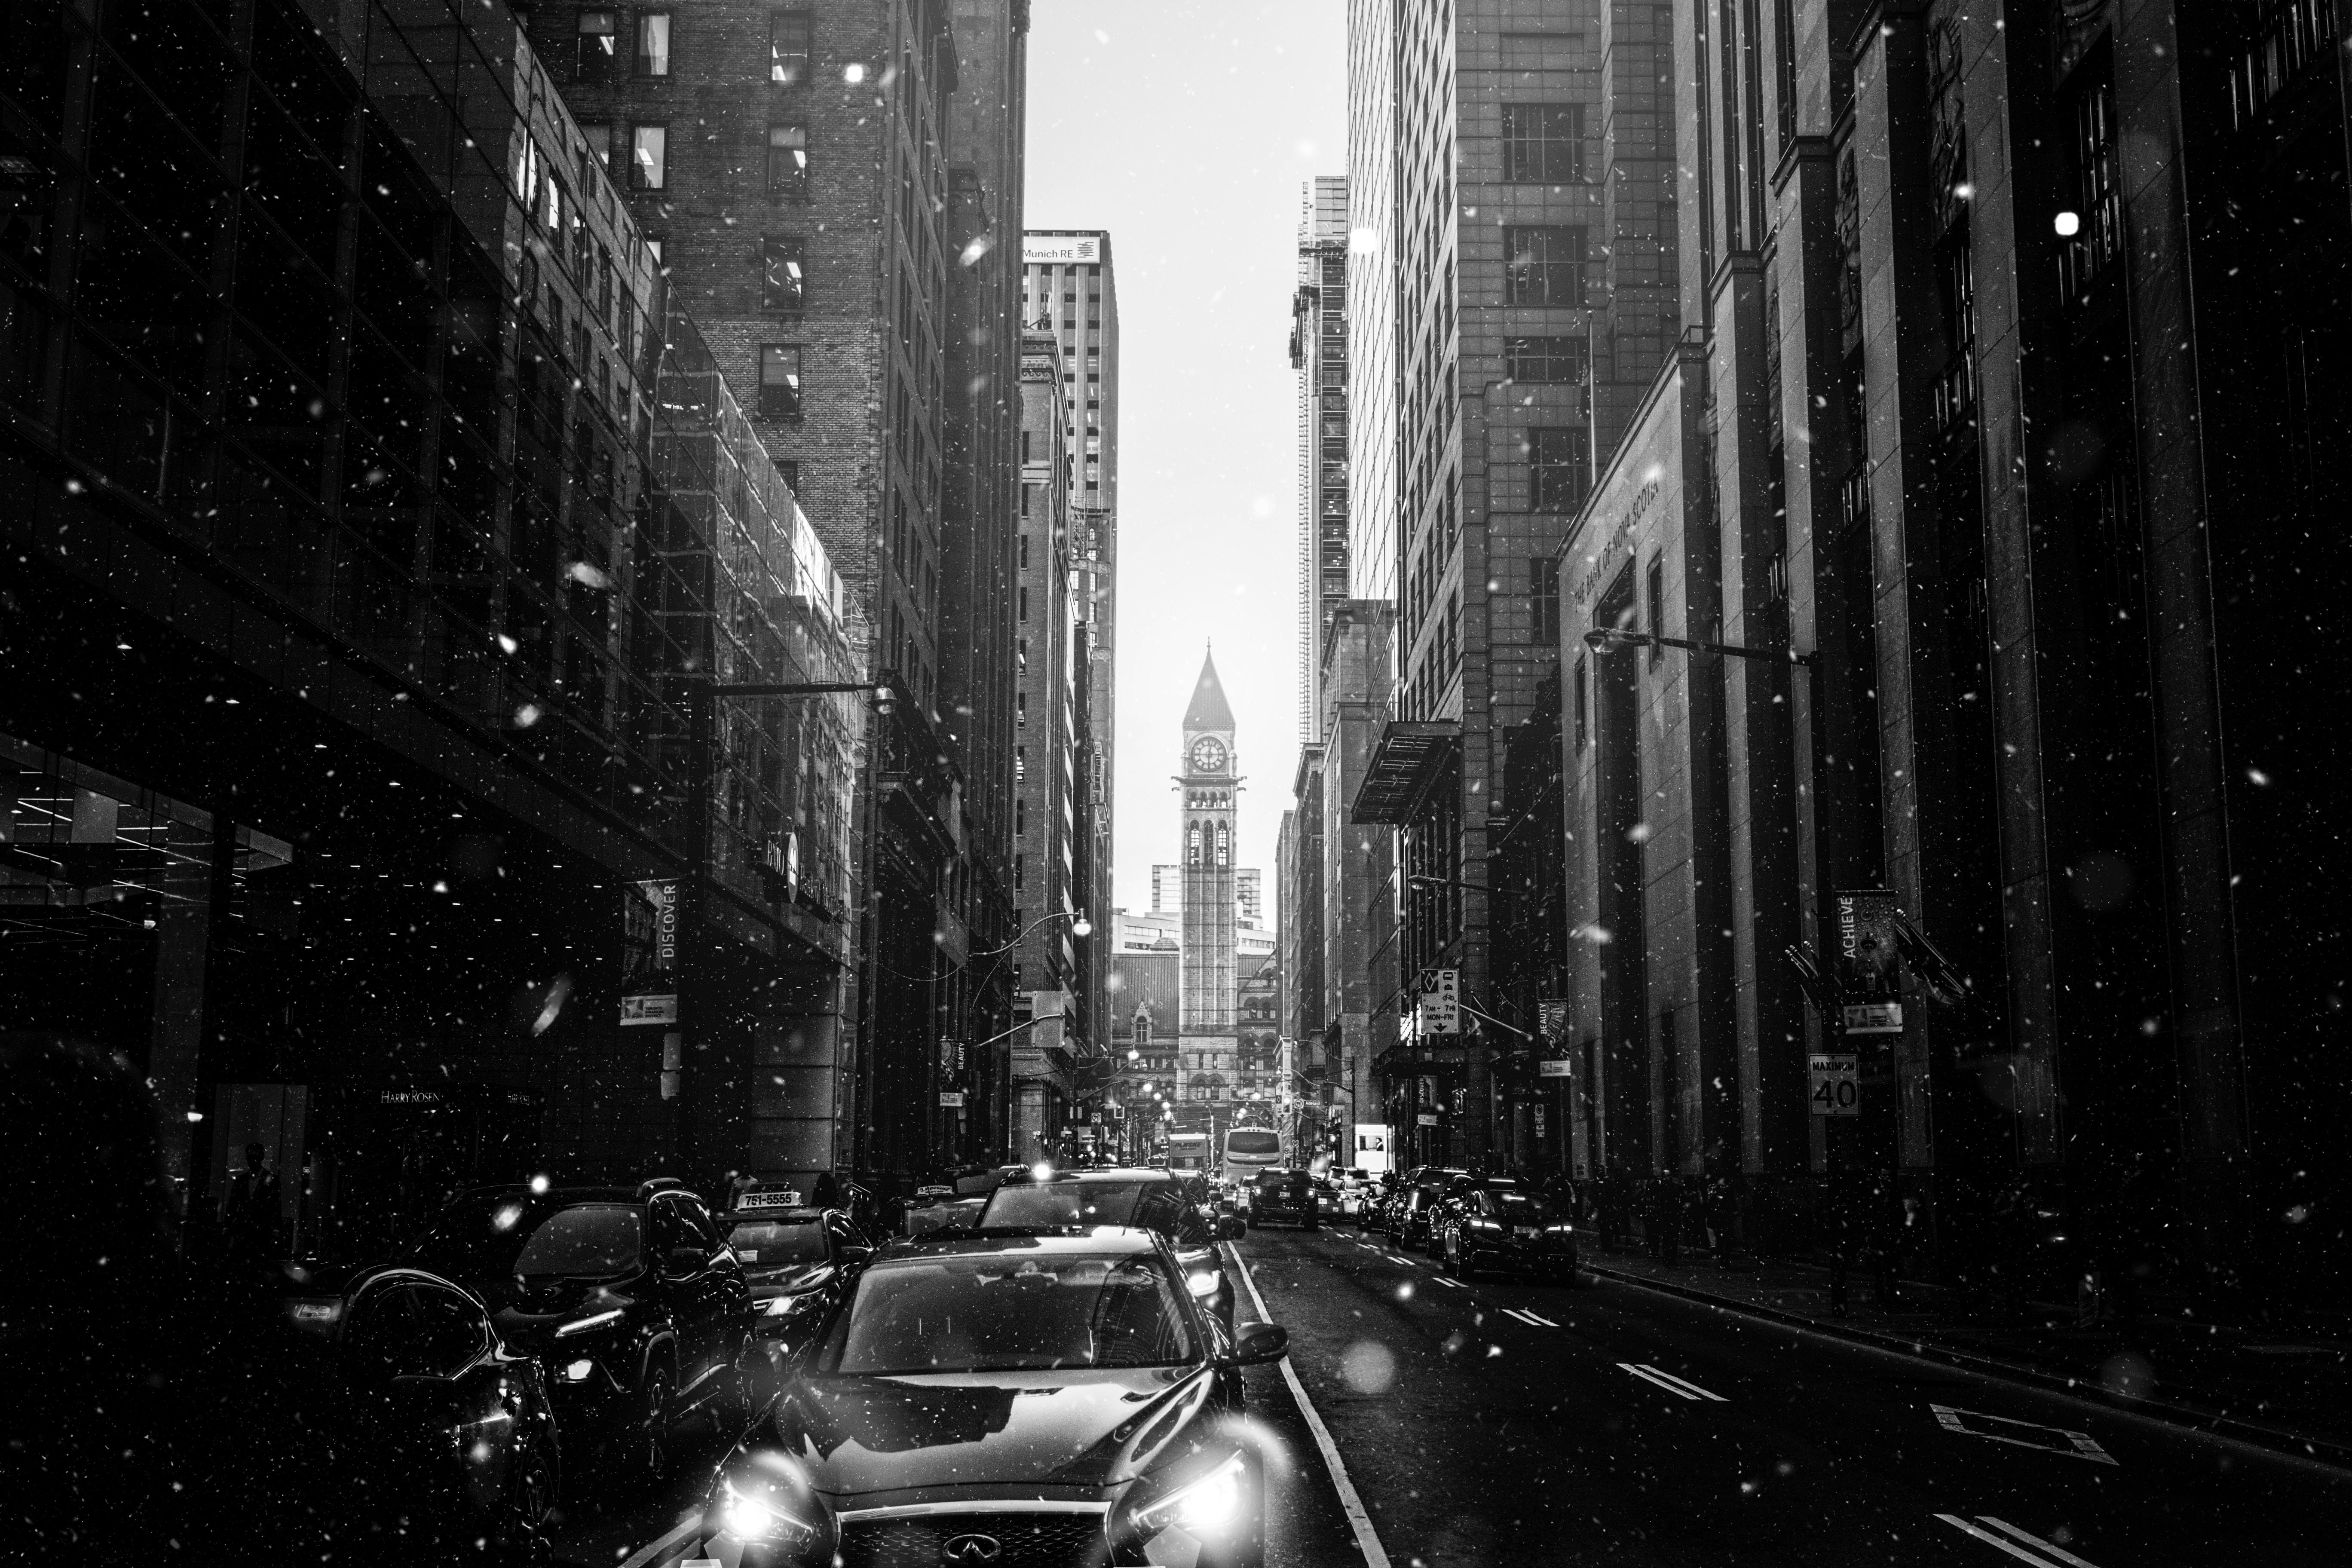 100095 скачать обои Город, Улица, Чб, Снегопад, Снег, Города, Машины - заставки и картинки бесплатно